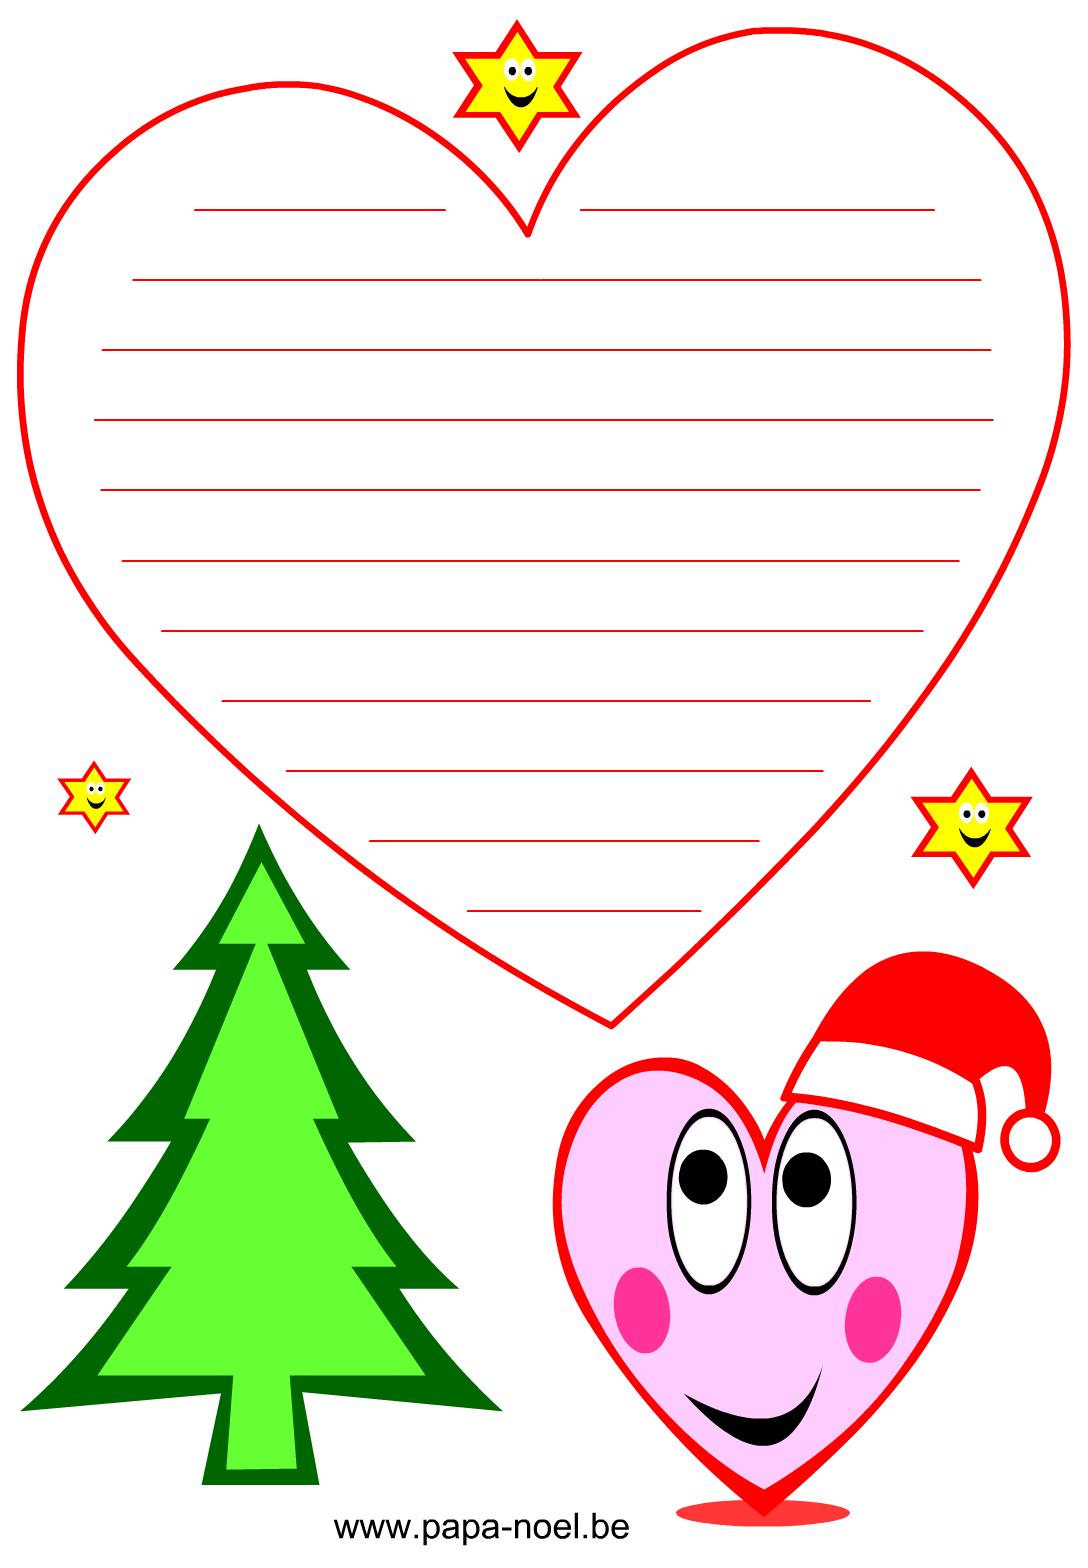 Papier A Lettre Noel À Imprimer Noël Gratuit Lettres concernant Papier A Lettre Noel